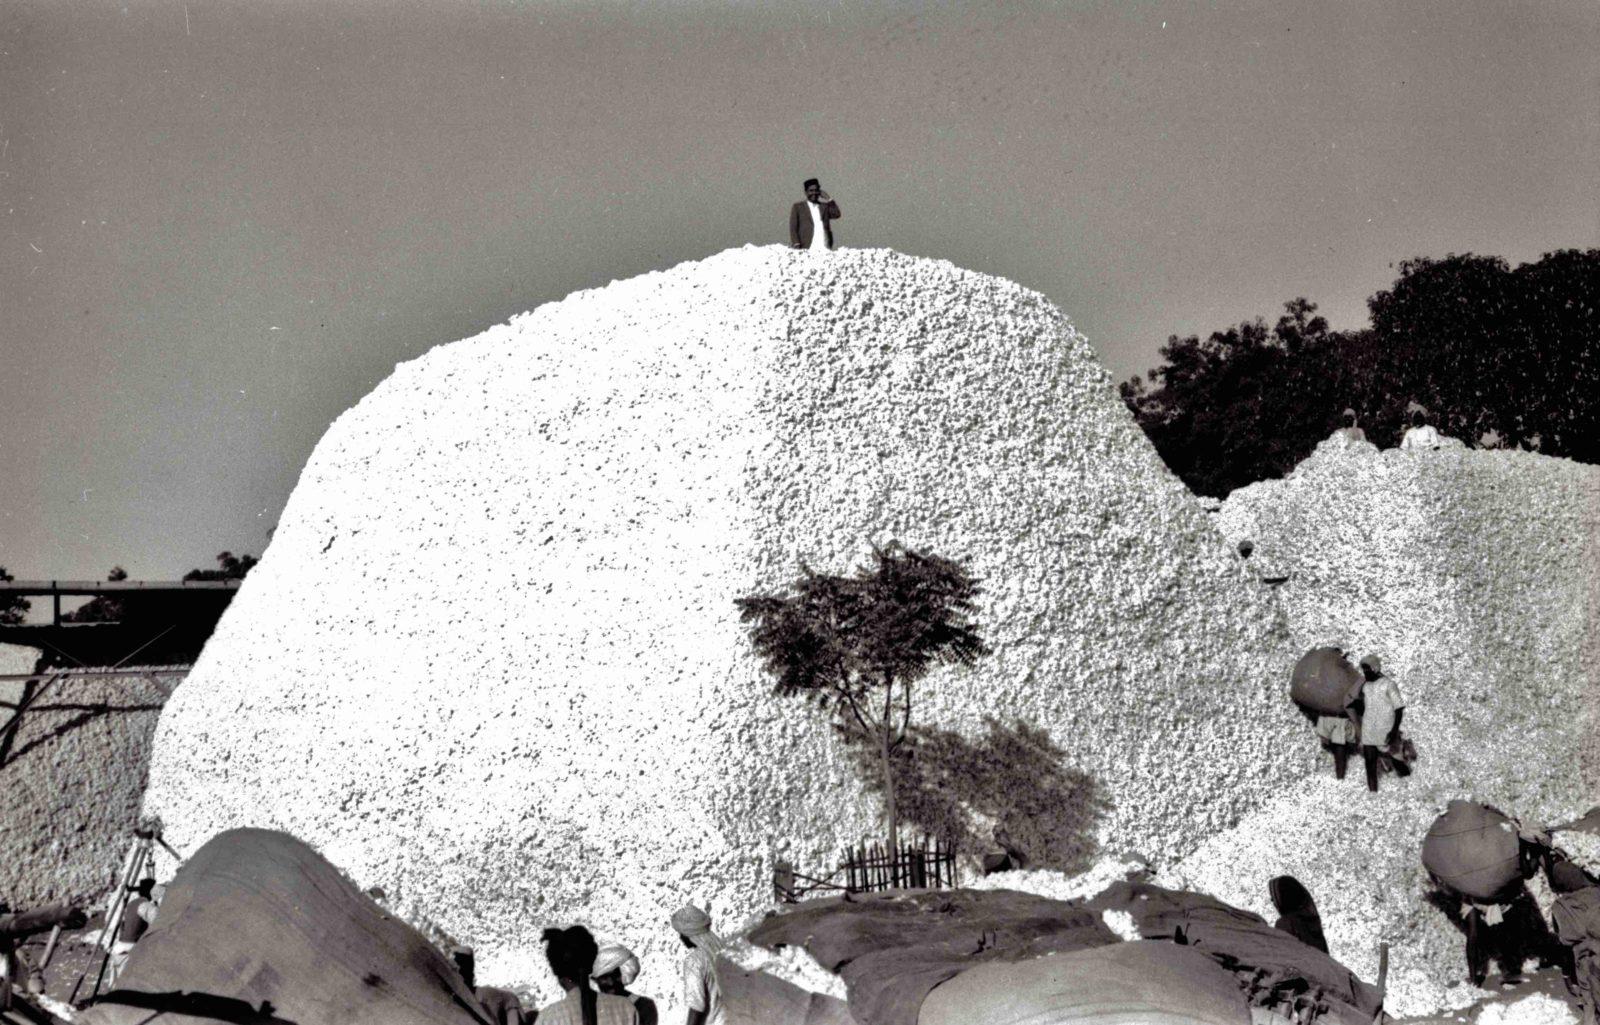 Montagne de coton à Khamgaon, inde